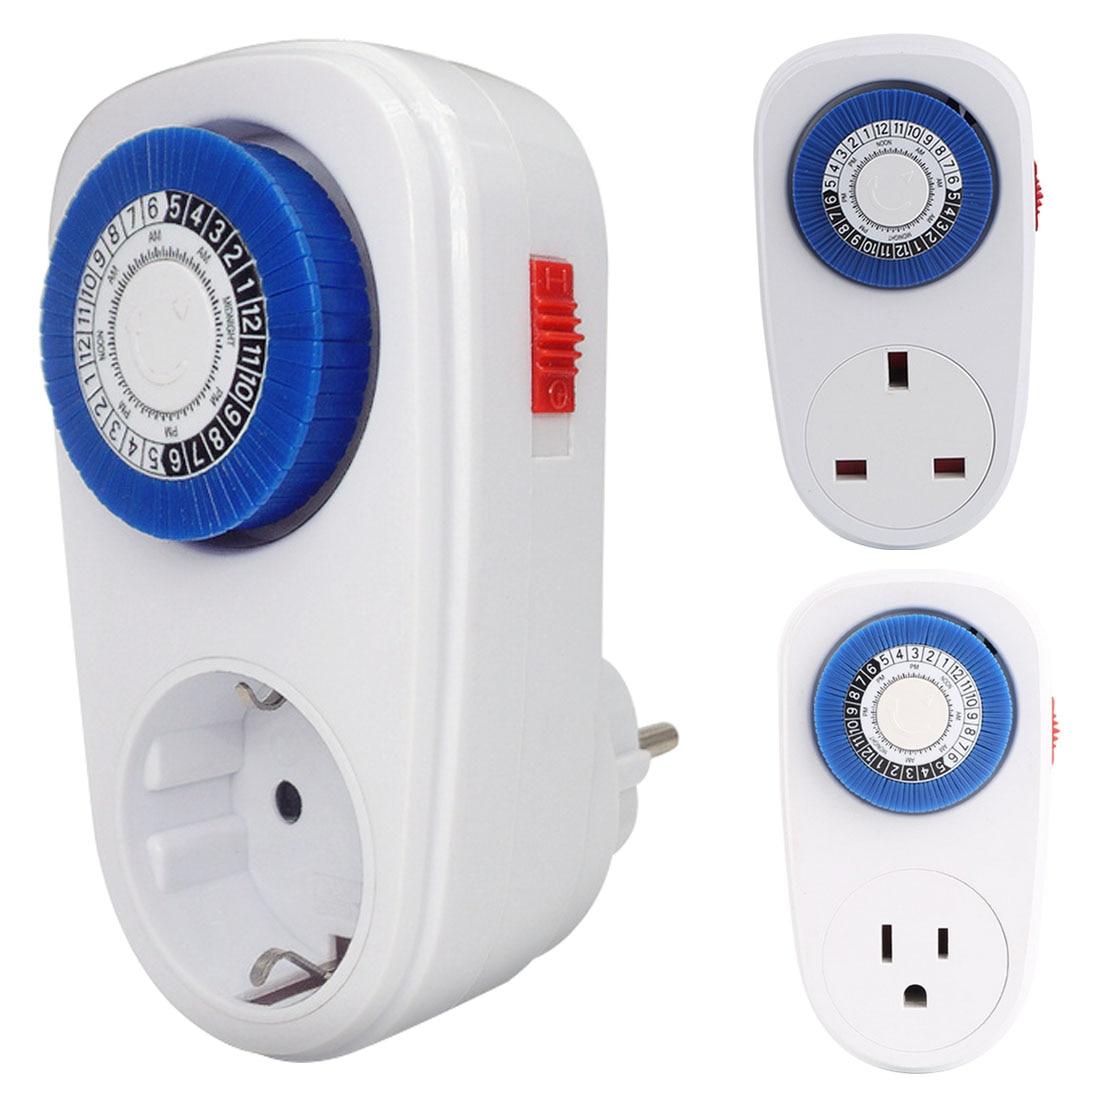 Interrupteur mécanique Mini minuterie, interrupteur de minuterie Programmable de 24 heures, prise bleue